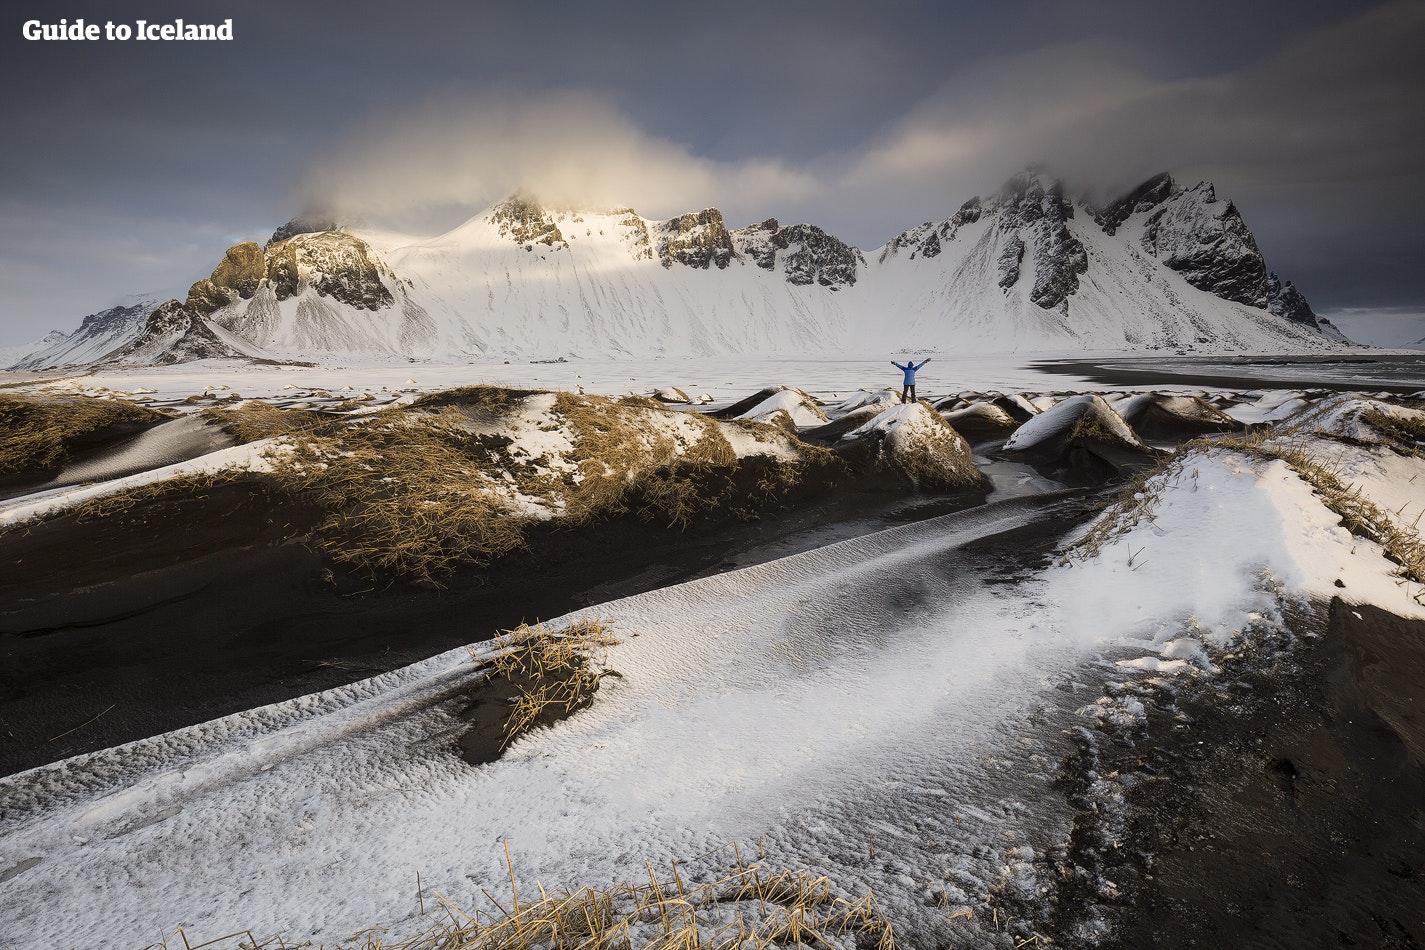 冰岛东部最负盛名的山峰:Vestrahorn